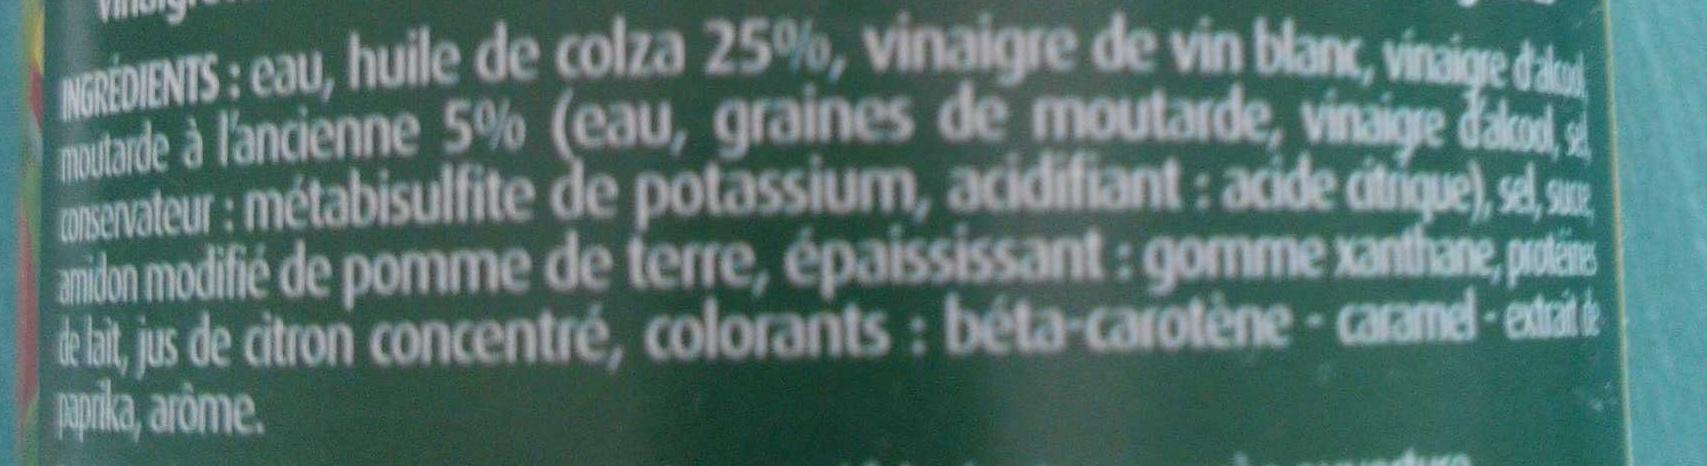 Vinaigrette moutarde à l'ancienne allégée en matière grasses - Ingrédients